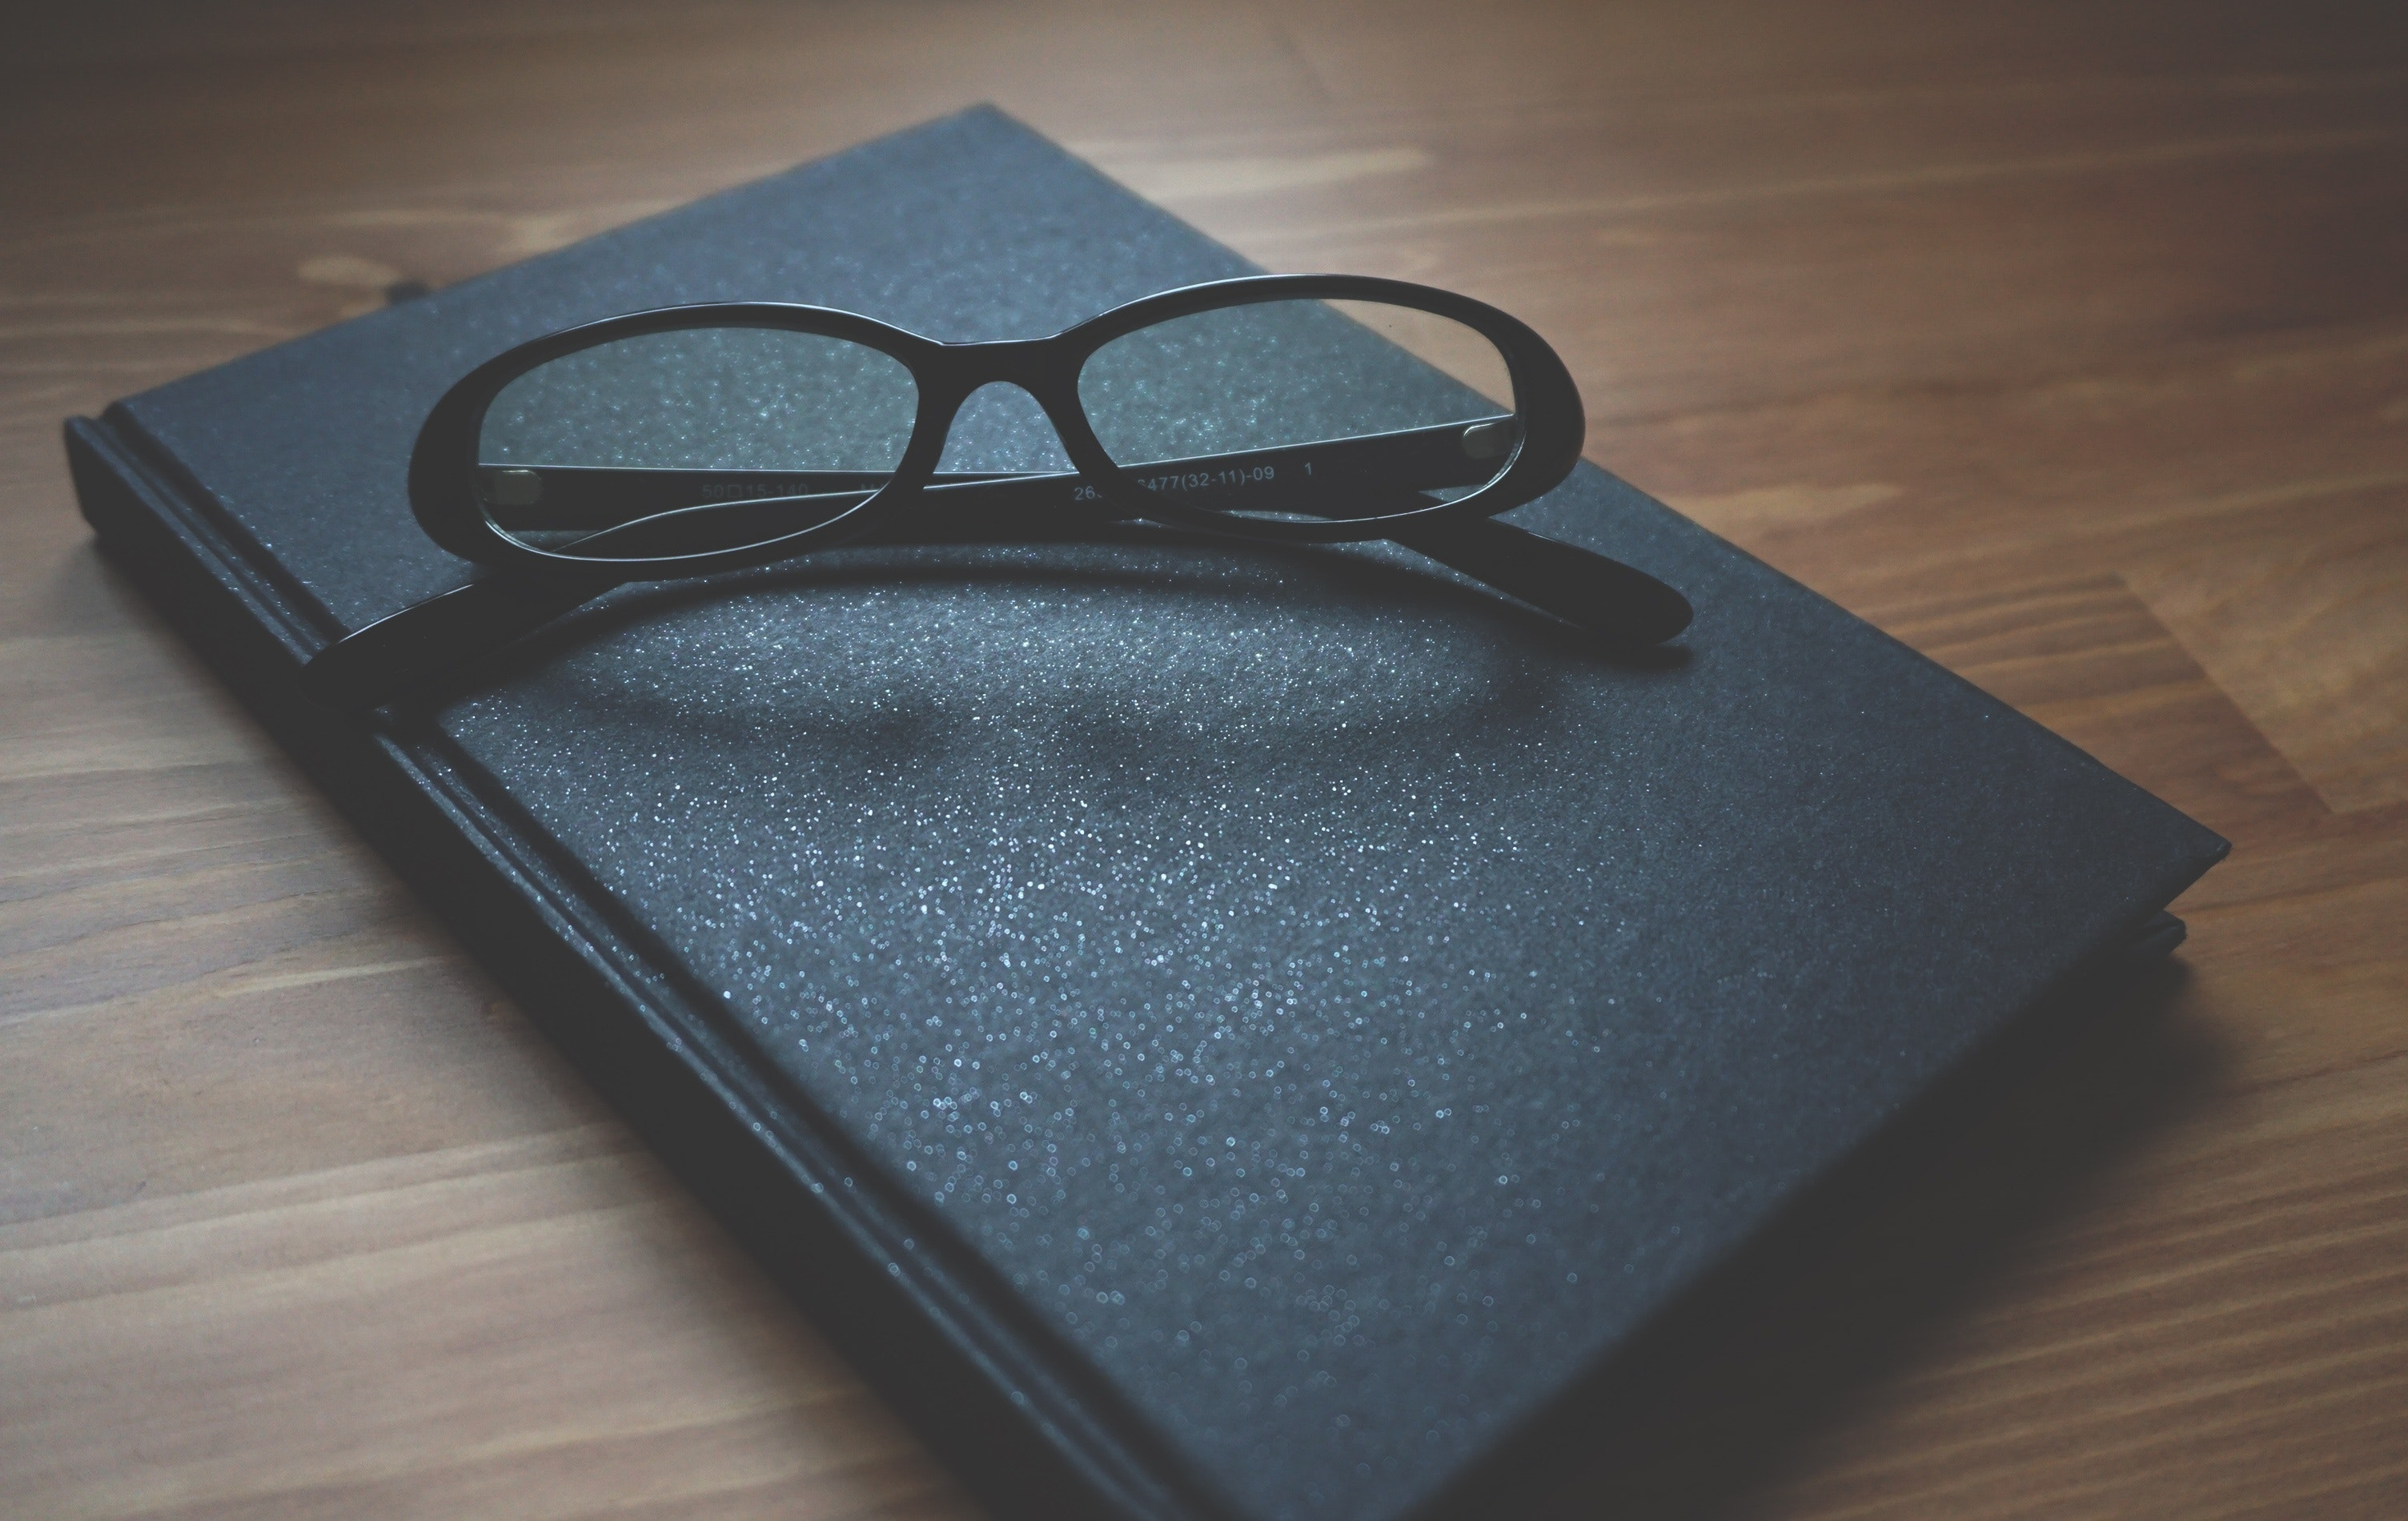 Black Framed Eyeglasses, Blur, Book, Close-up, Eyeglasses, HQ Photo